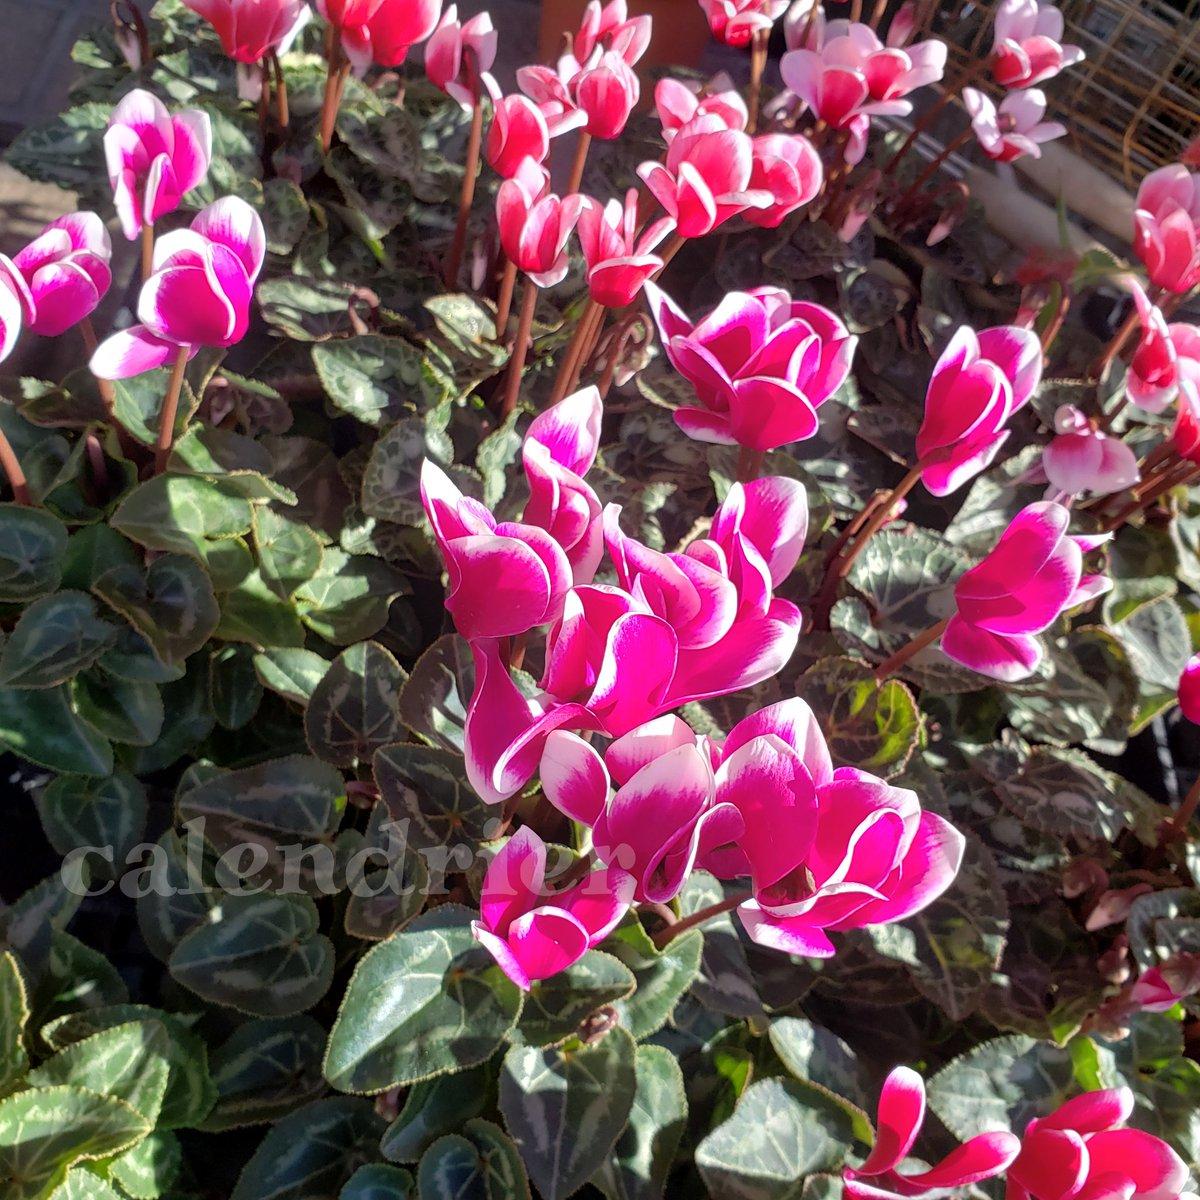 毎年人気の #ガーデンシクラメン♪強いシクラメンです。屋外用です。  #ユリオプスデージー #芝桜 #シバザクラ #ノースポール #パンジー  他にもたっぷり入荷してます!!  #ガーデニング #ガーデン  #garden #花苗 #鉢植え #庭 #花壇 #寄せ植え  #花のある暮らし  #植物のある暮らし https://t.co/B1OP61BJkQ